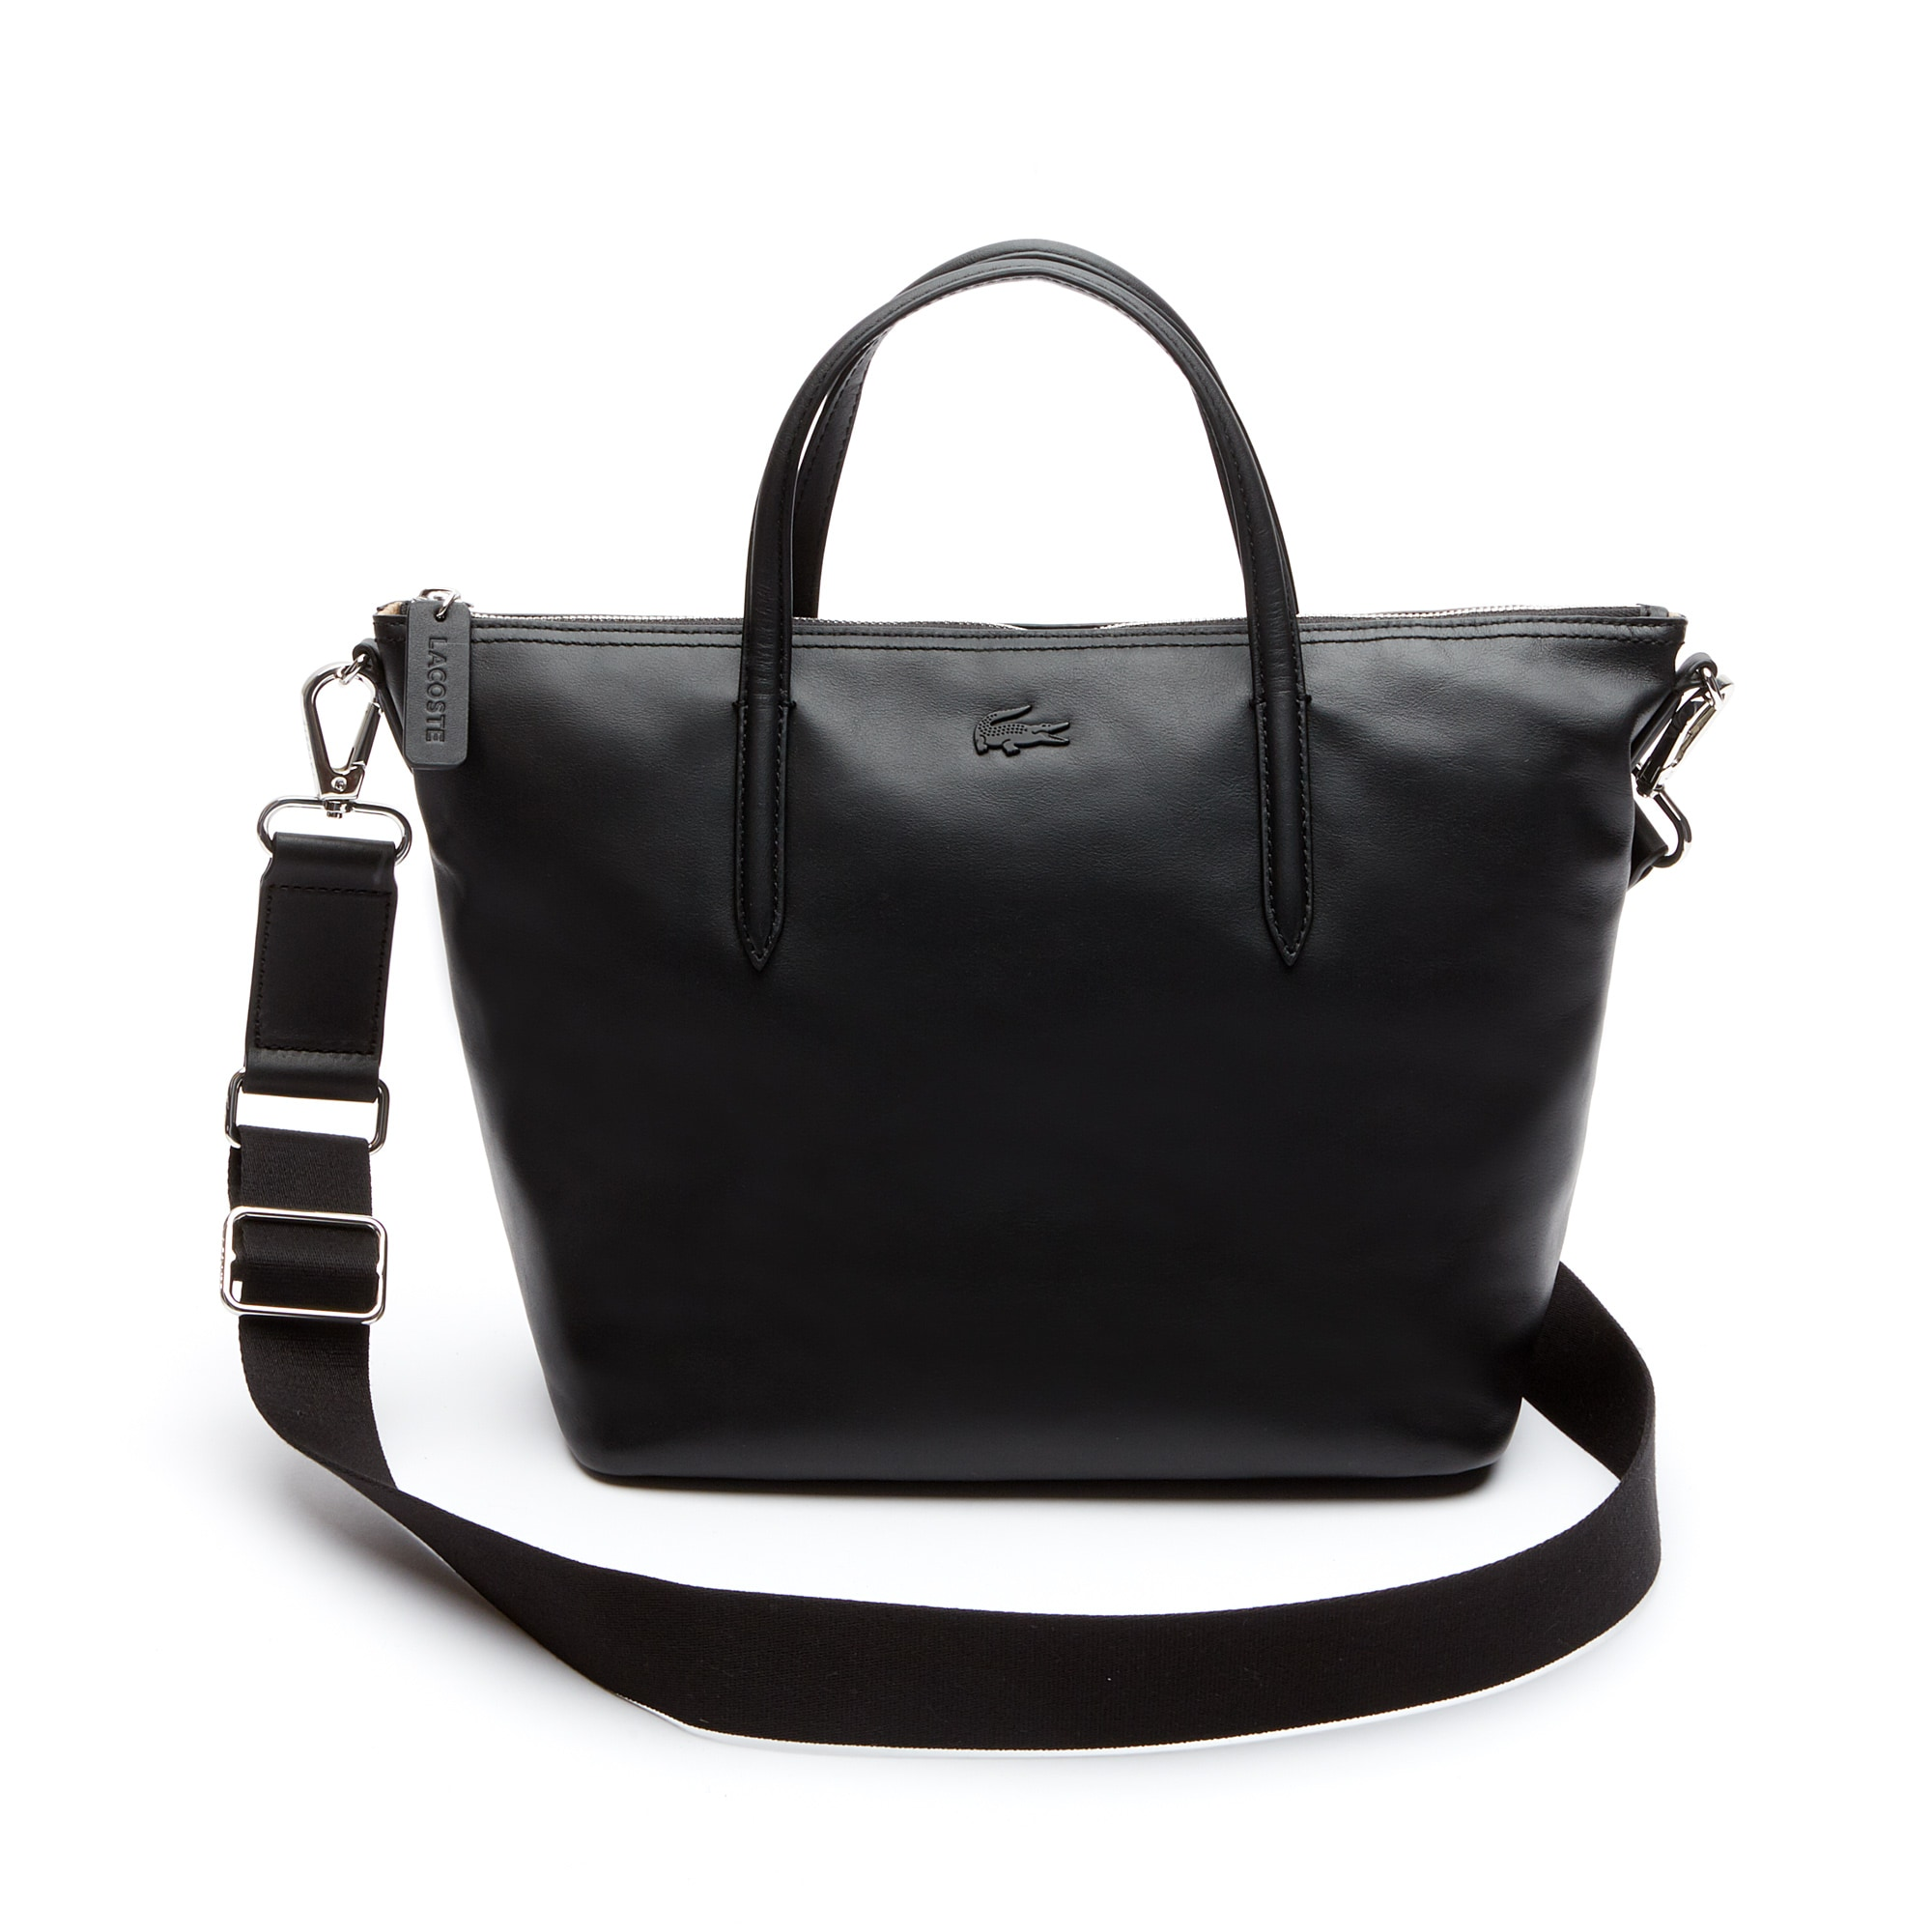 Damen Tote Bag L.12.12 aus Leder